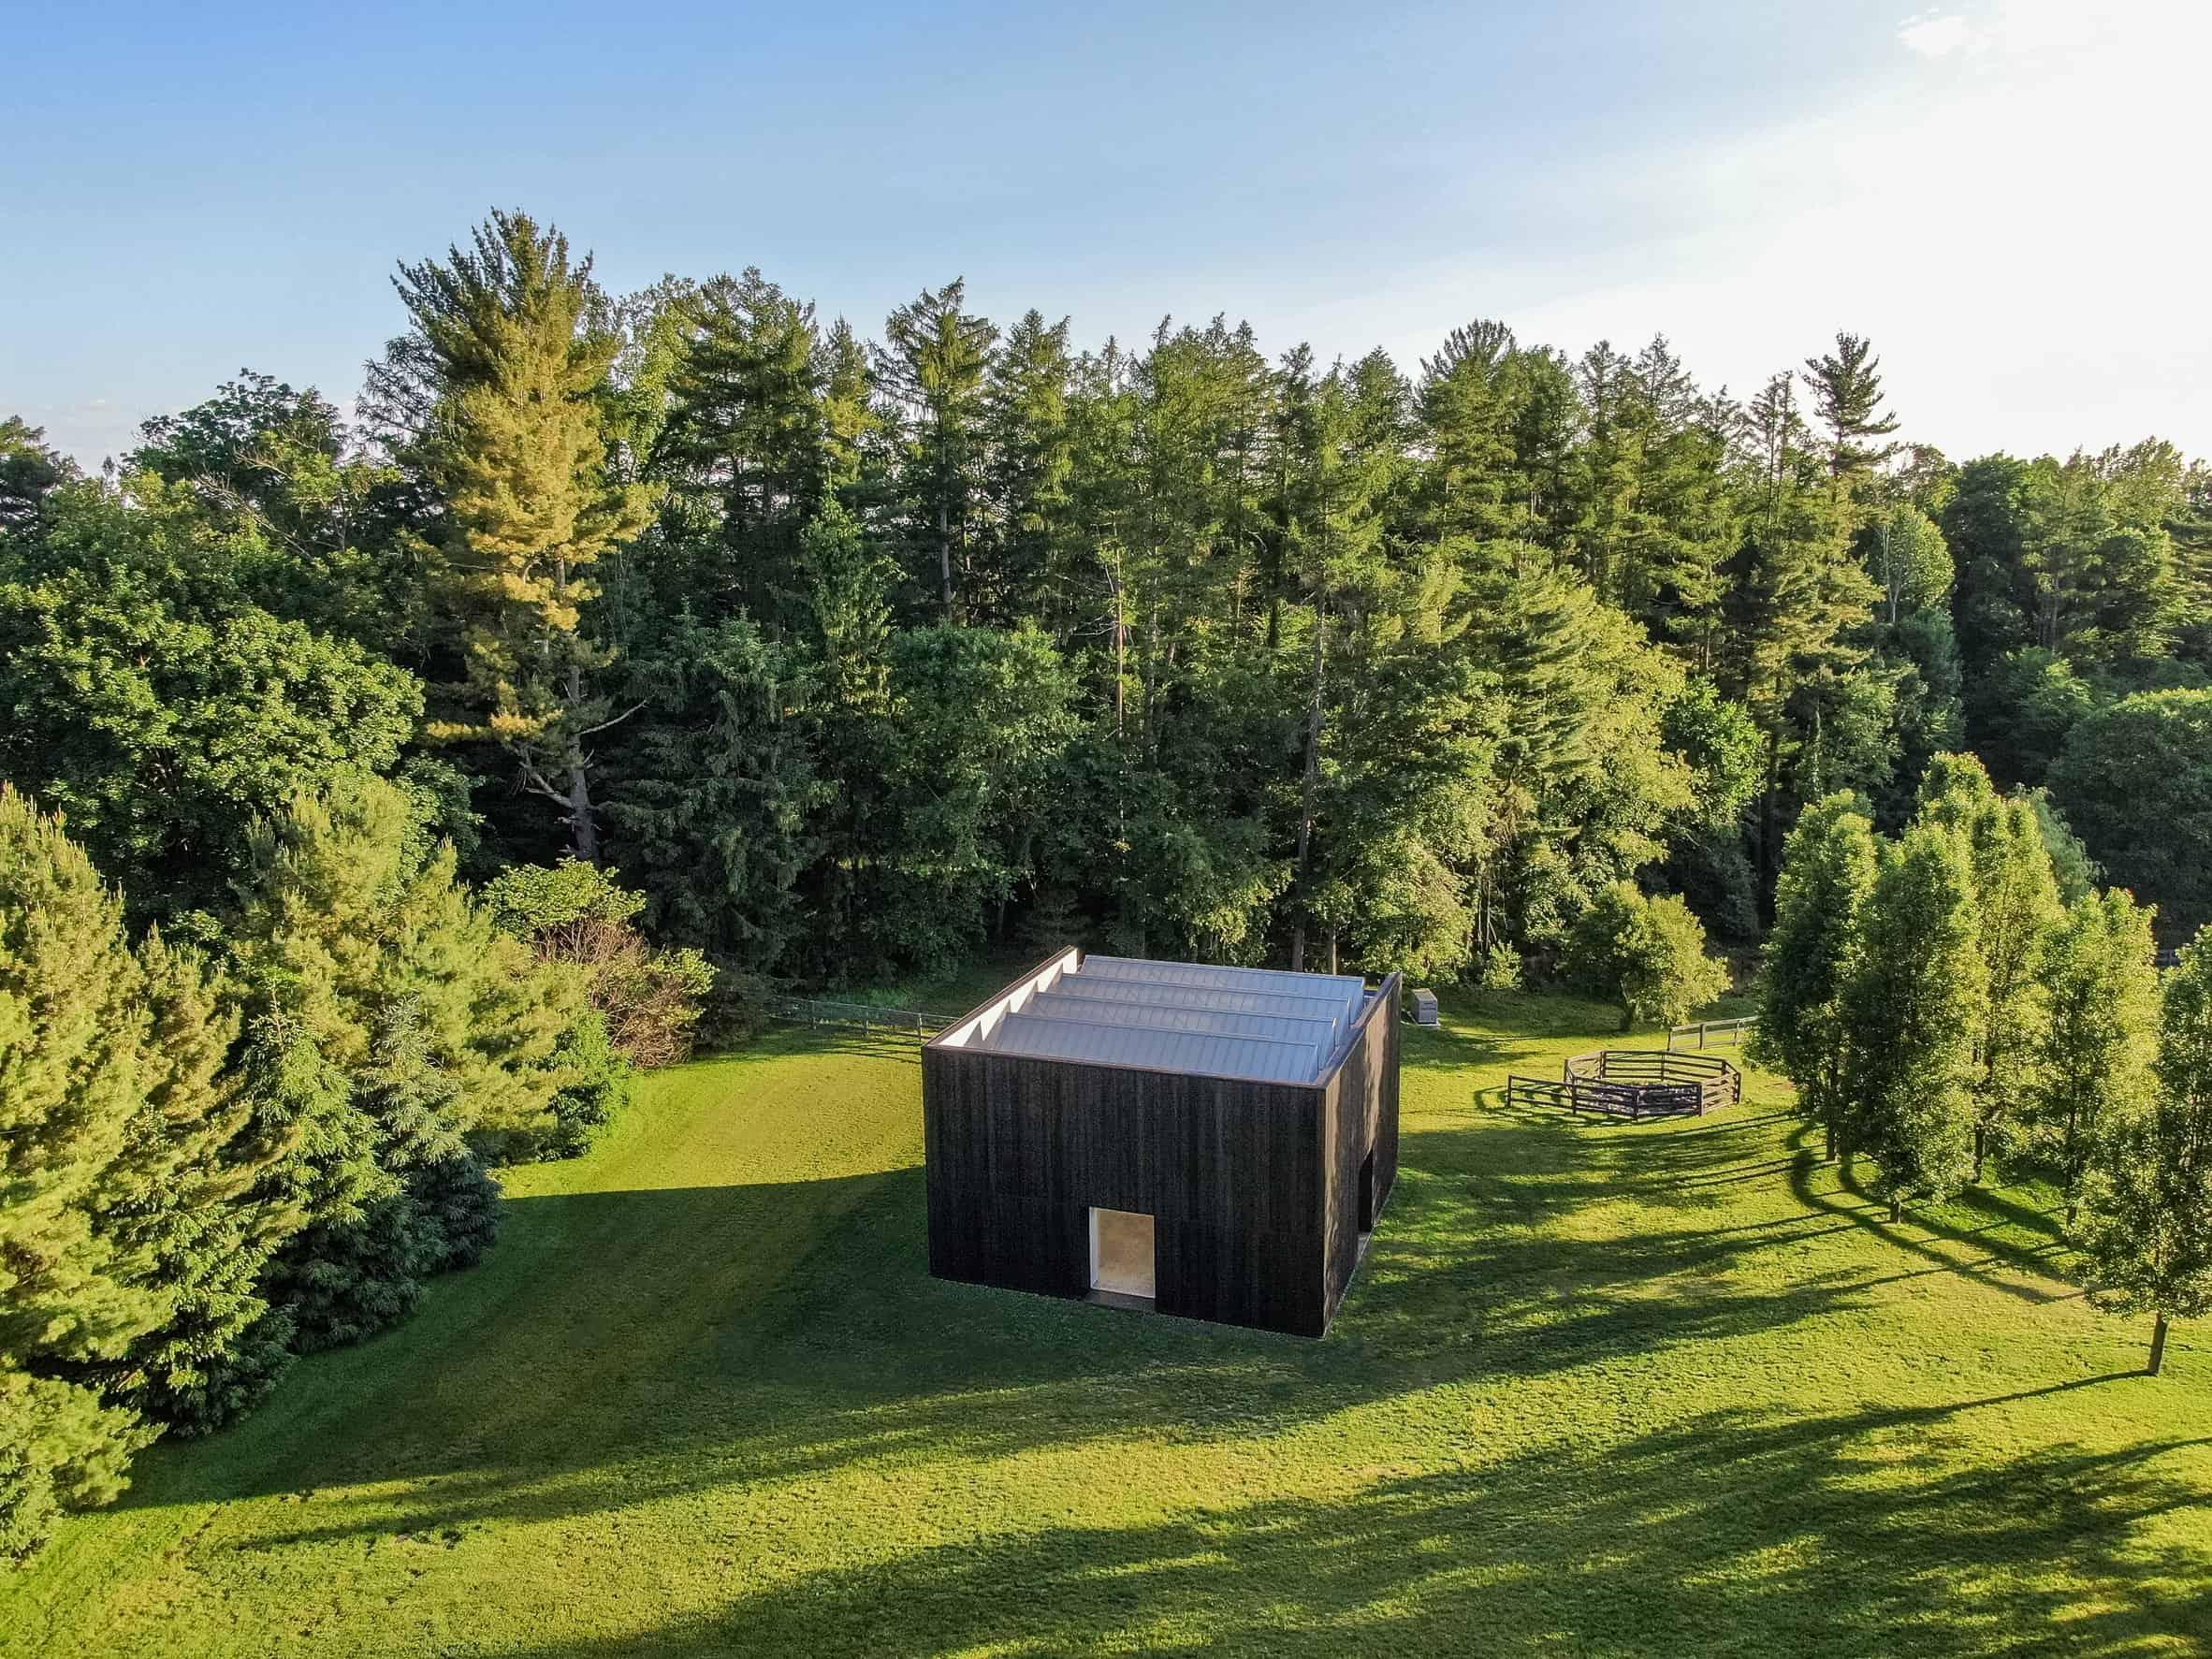 Houten paviljoen voor sculptuur van Richard Serra